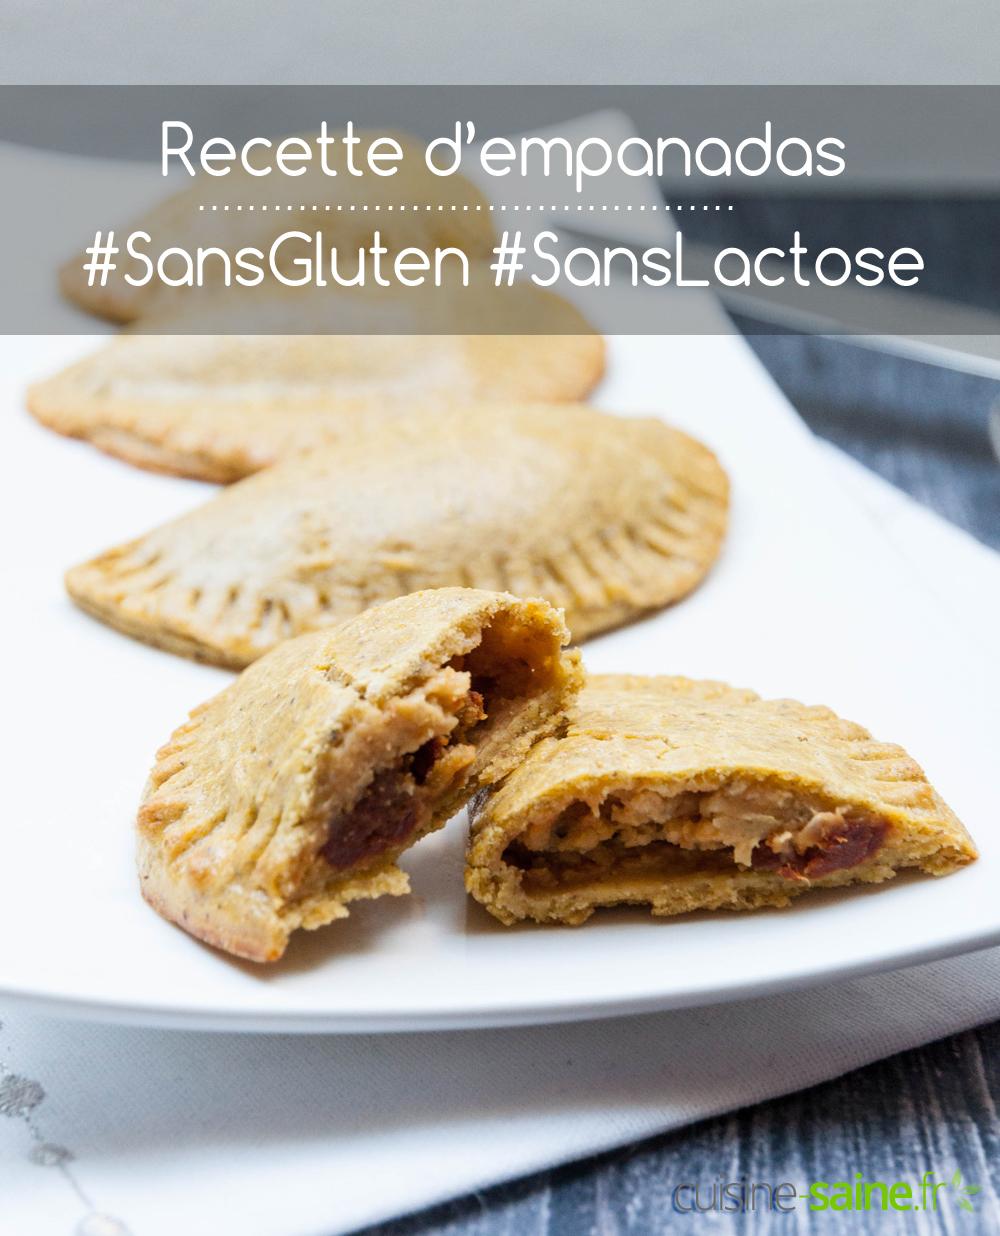 Recette d'empanadas sans gluten ni lactose au poulet ou végétarien